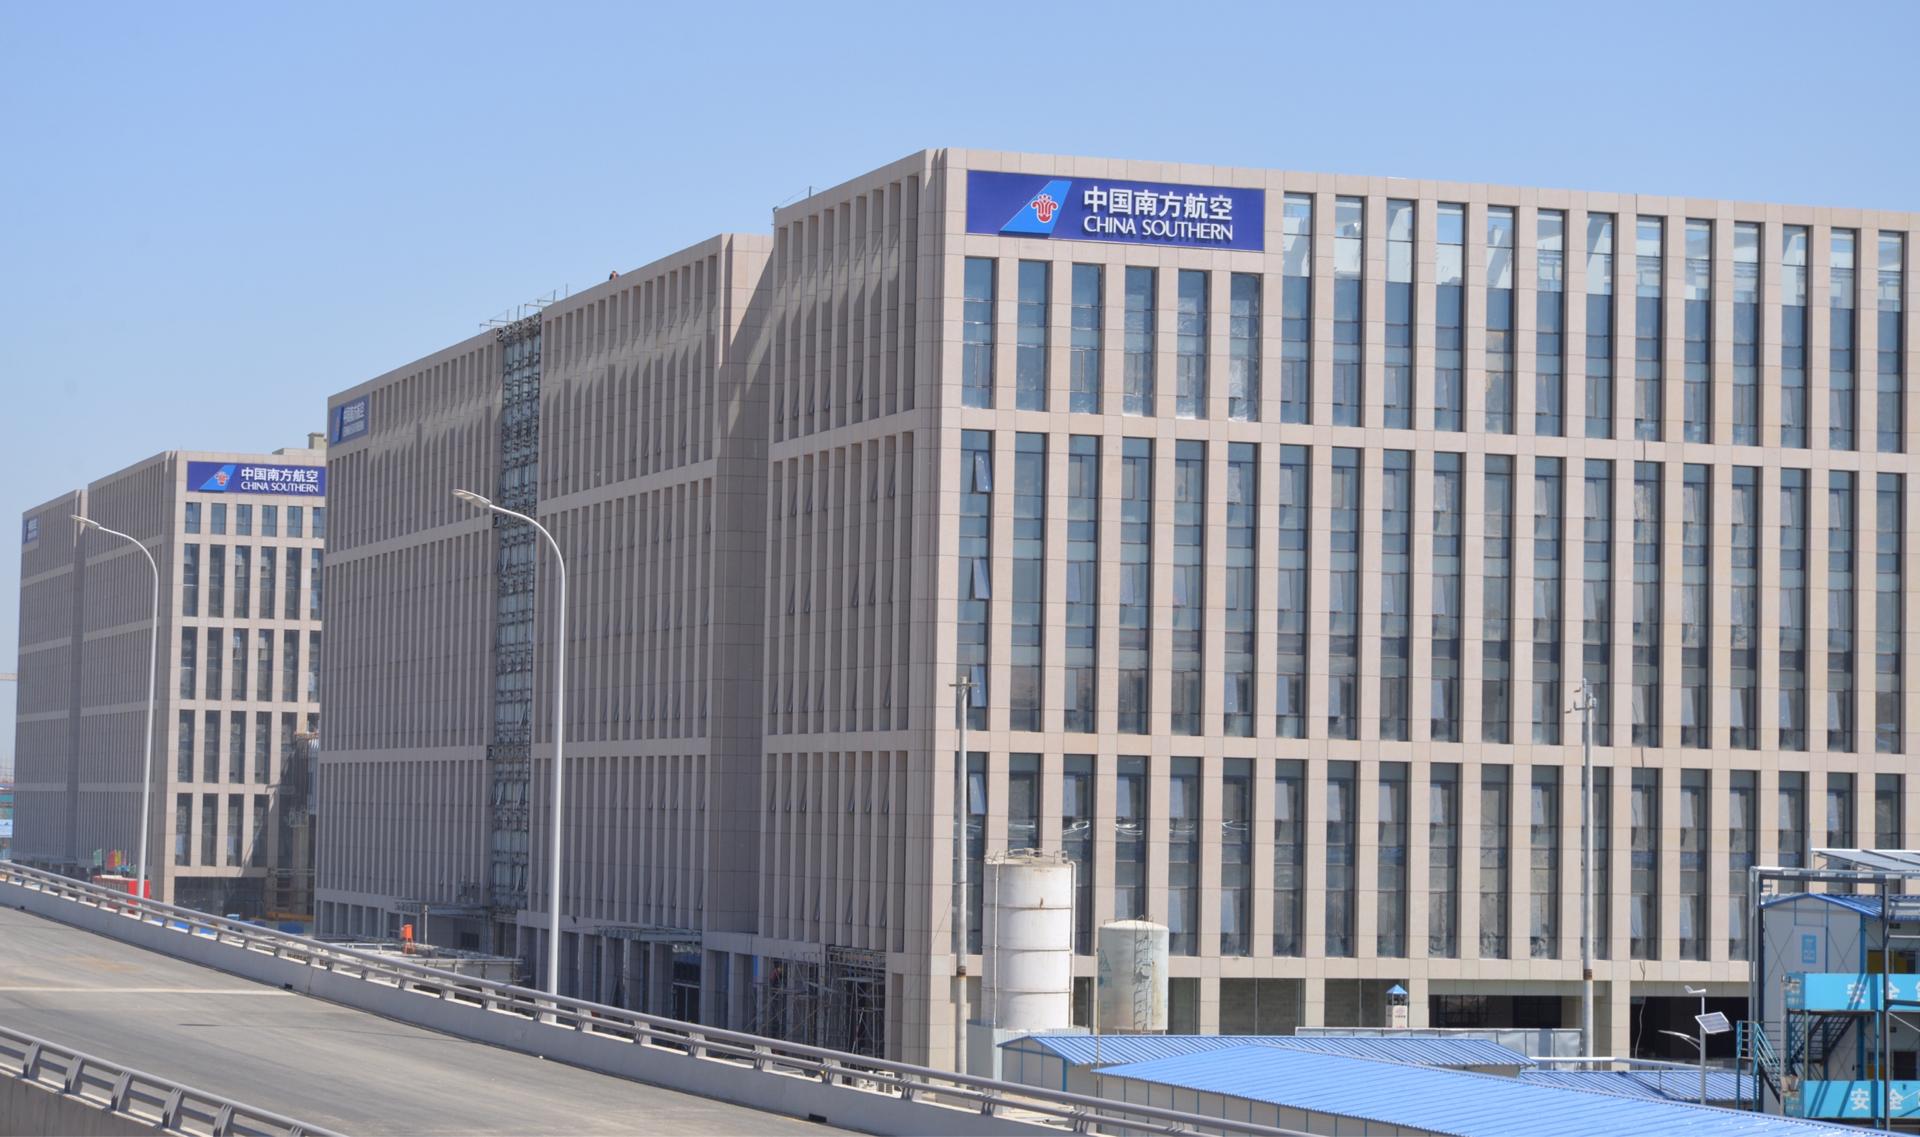 CZ运控大楼